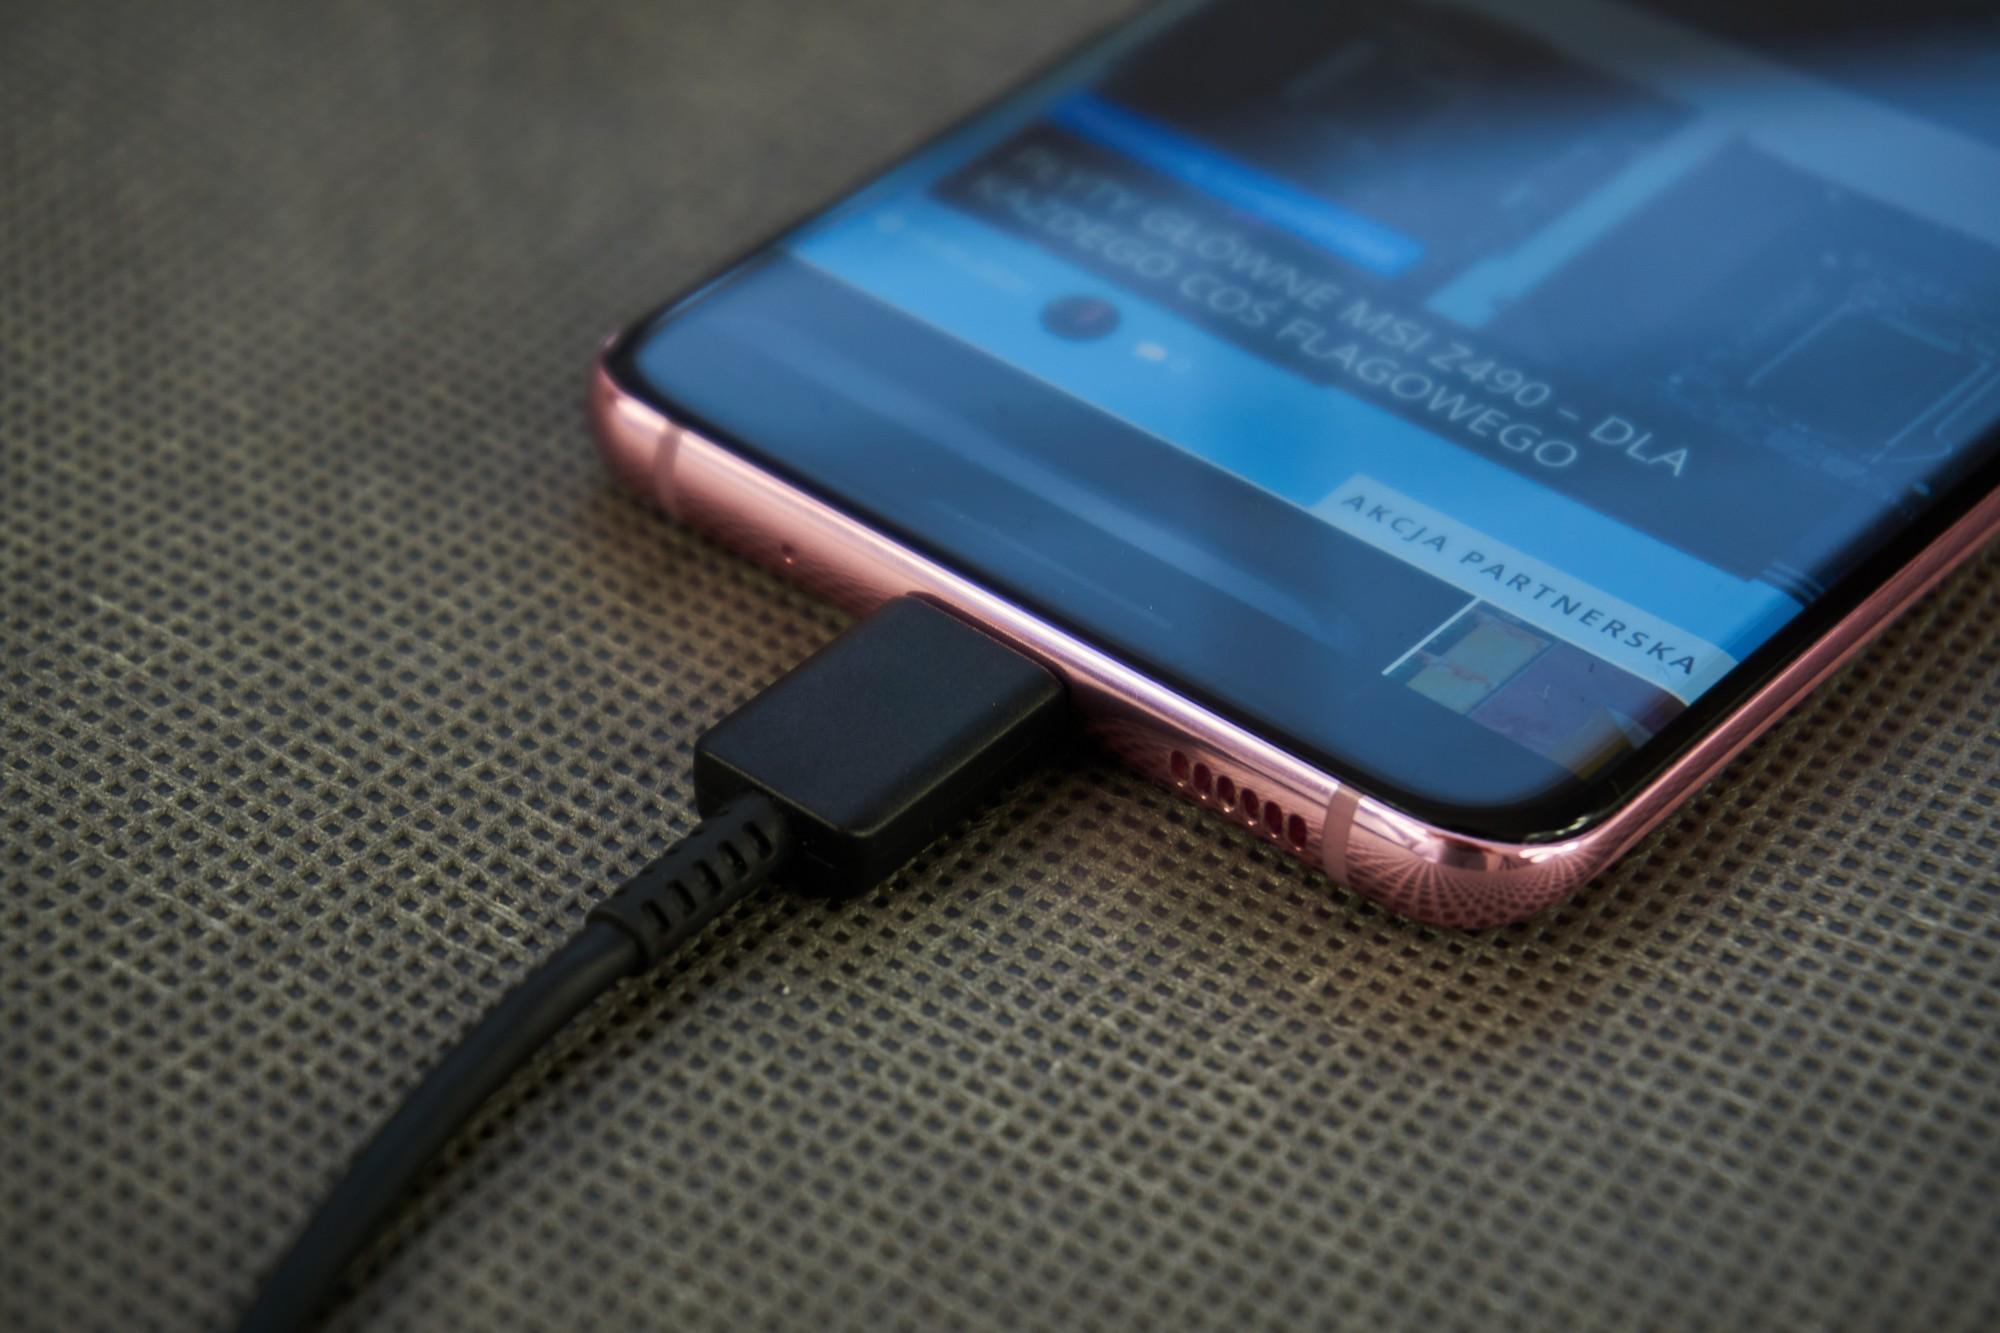 Zła wiadomość: Samsung będzie sukcesywnie usuwać ładowarki z opakowań kolejnych smartfonów